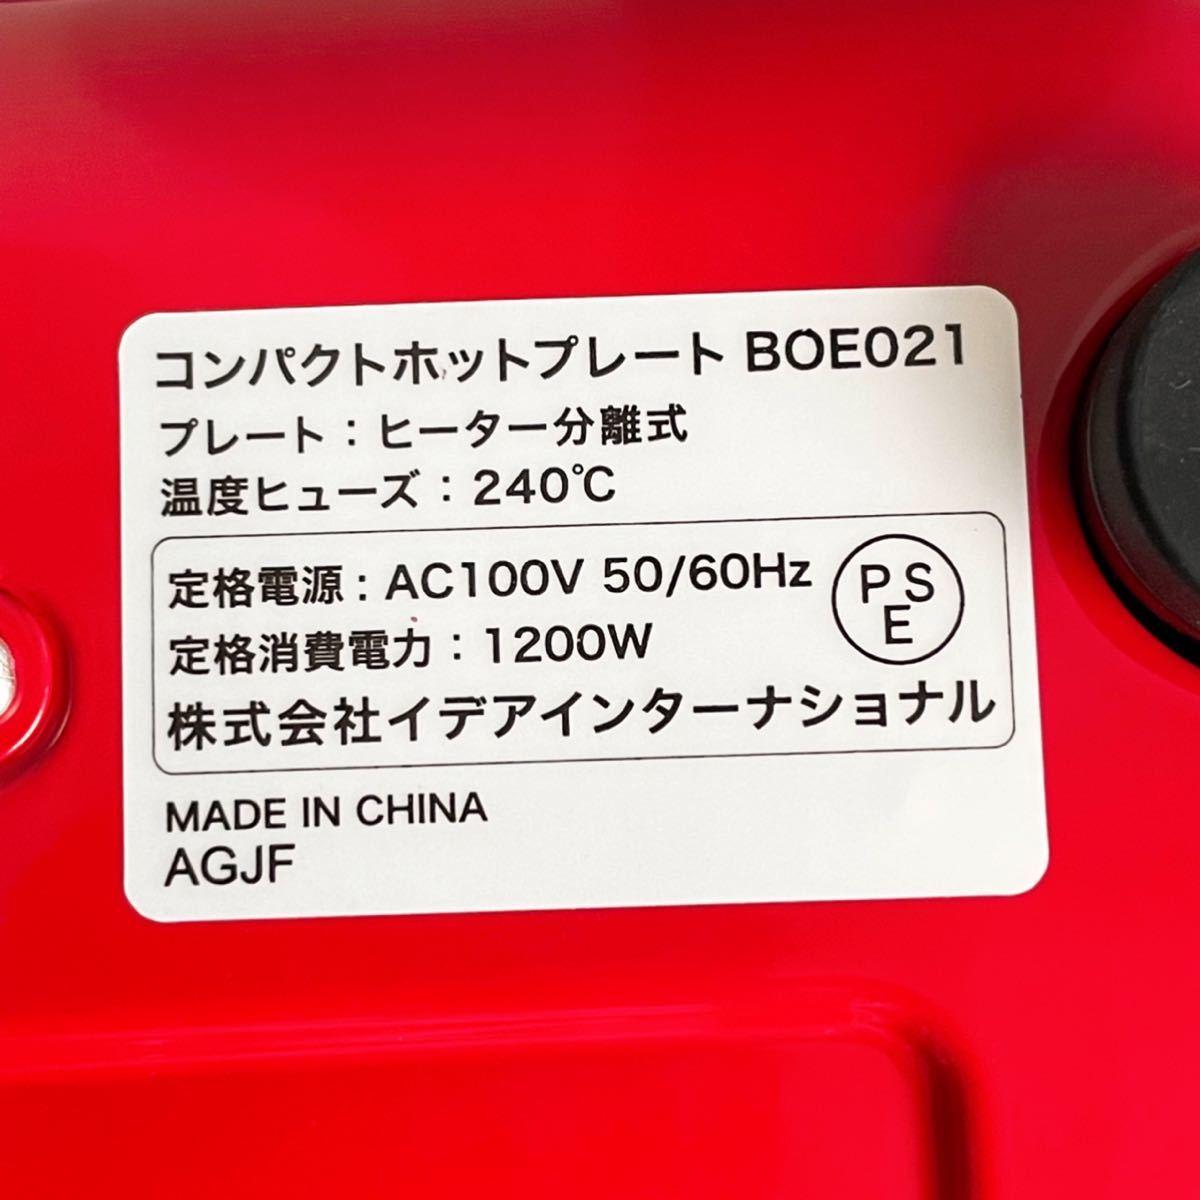 新品! BRUNO ブルーノ コンパクトホットプレート たこ焼き機 お好み焼き機 焼肉機 鉄板 調理機器 レッド ヒーター分離式 BOE021_画像10